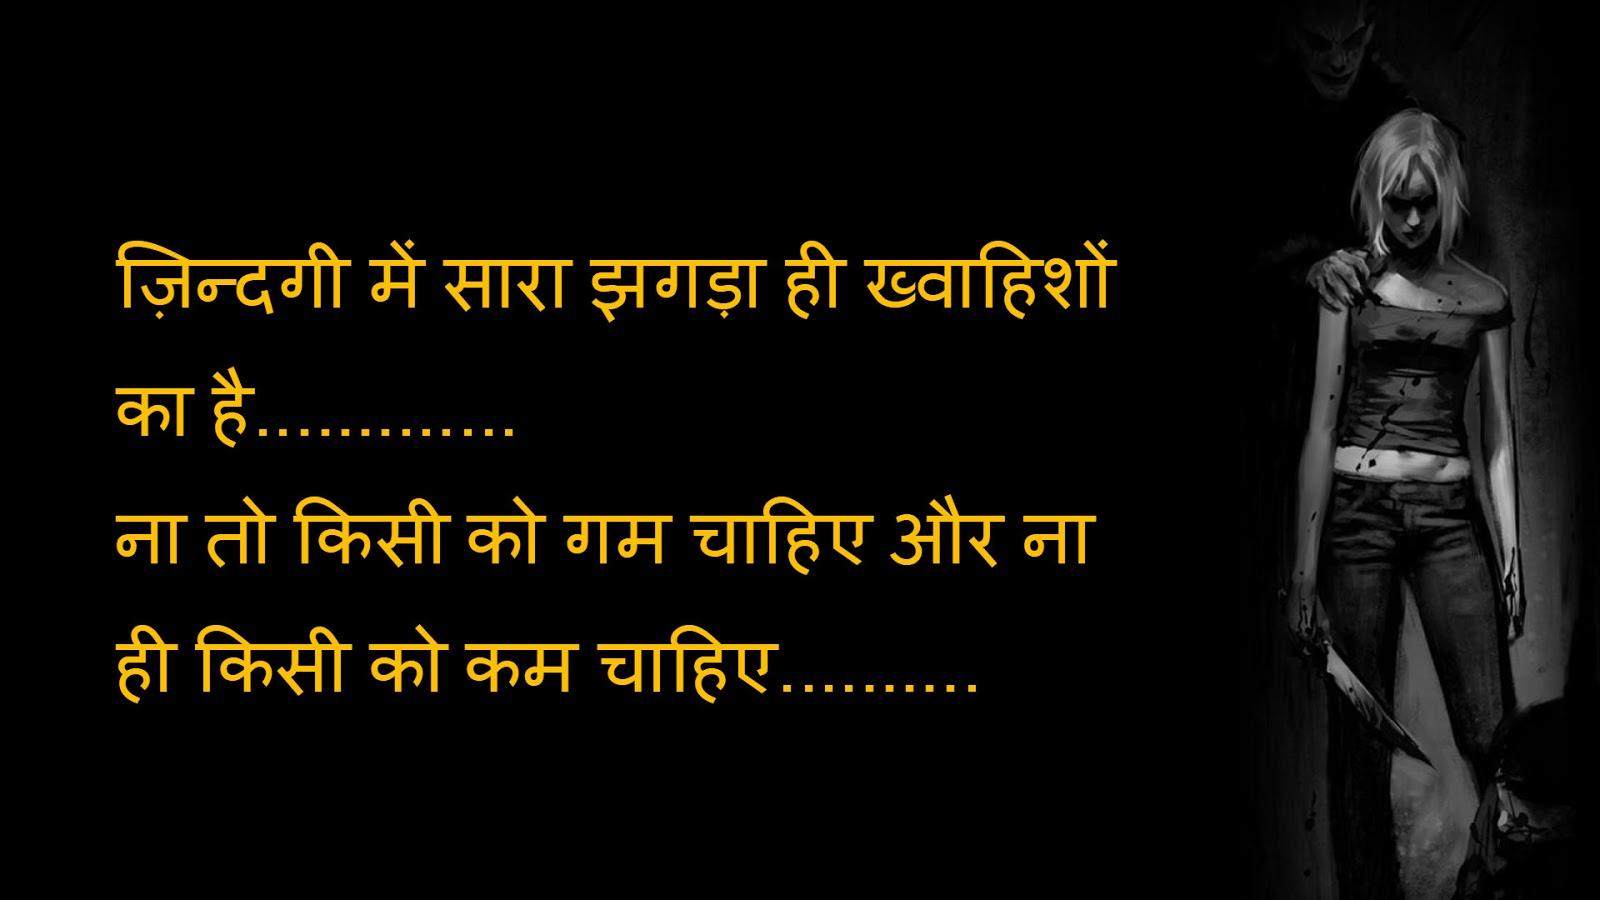 Shayari Hi Shayari: Sad images wallpapers shayari download 2016 ,Hindi ...